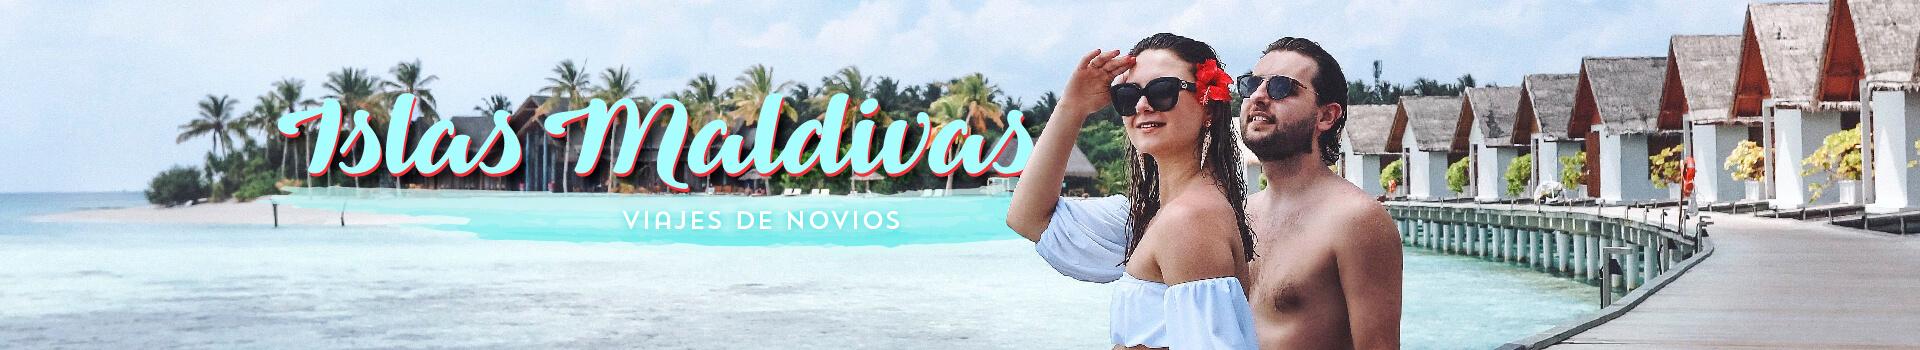 Viajes de novios Maldivas 2020